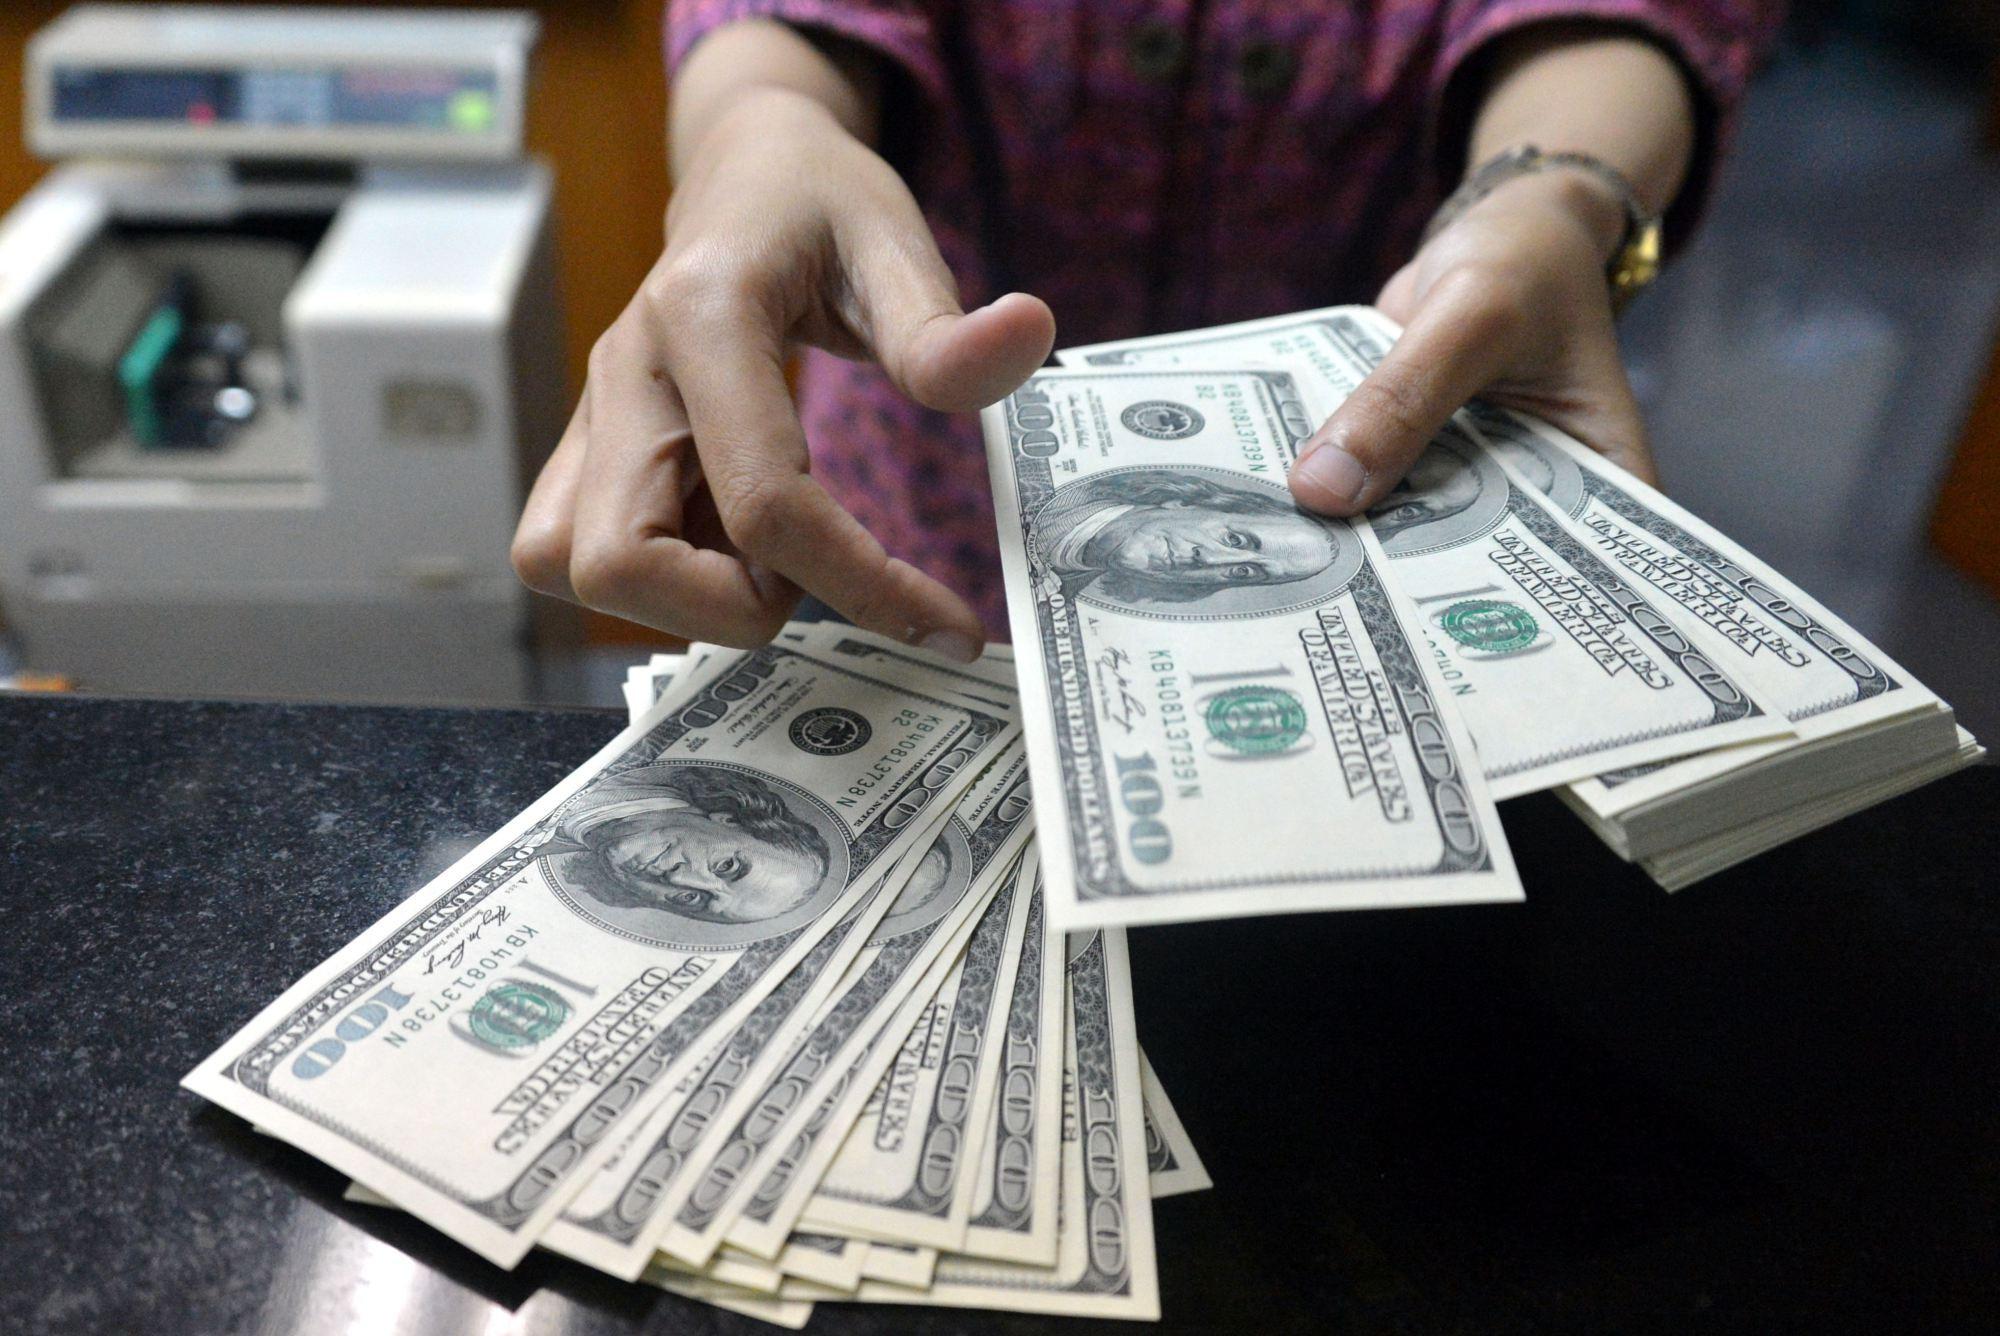 Usd-dollar